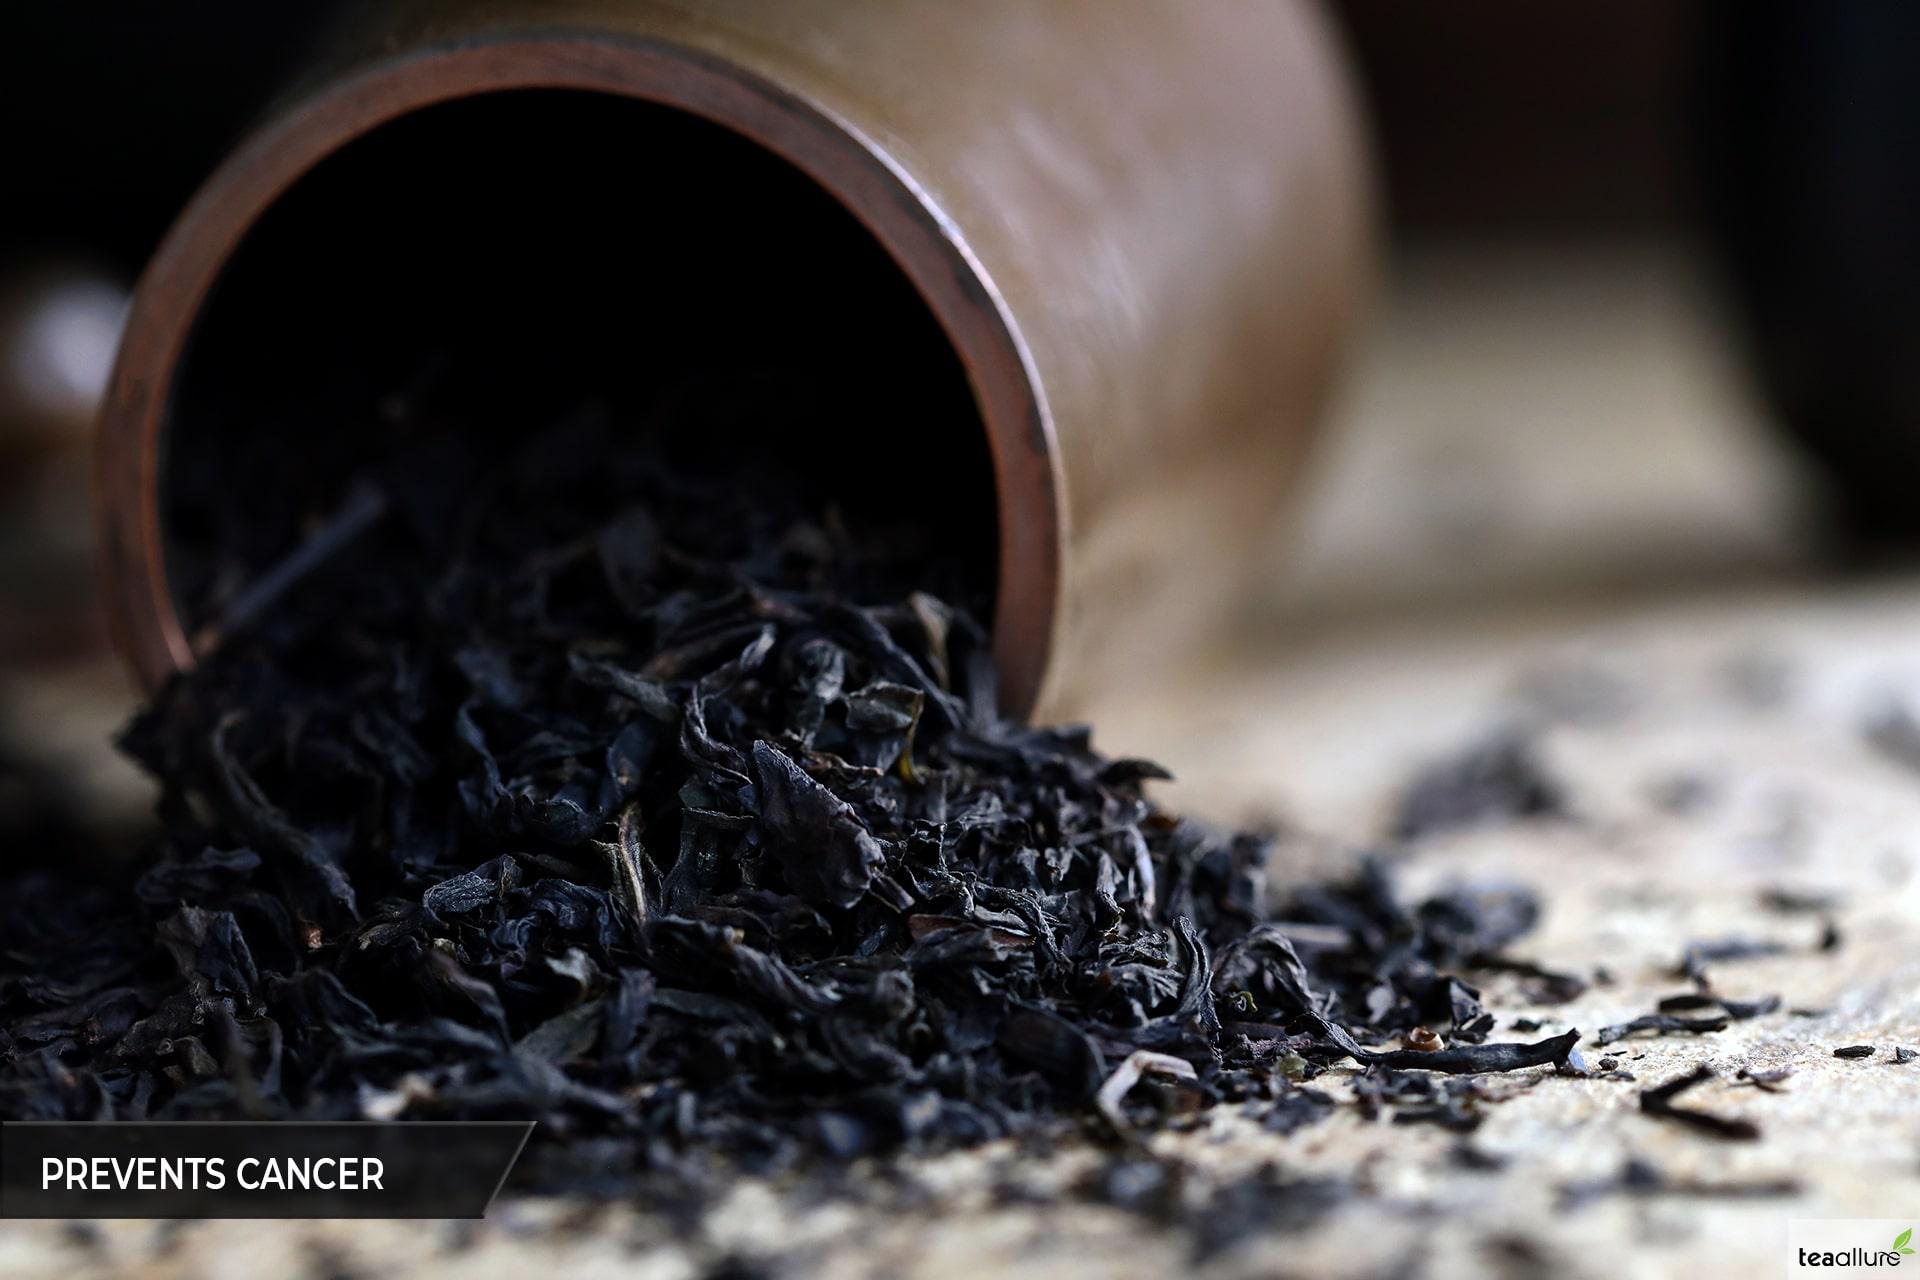 Black tea helps cancer prevention